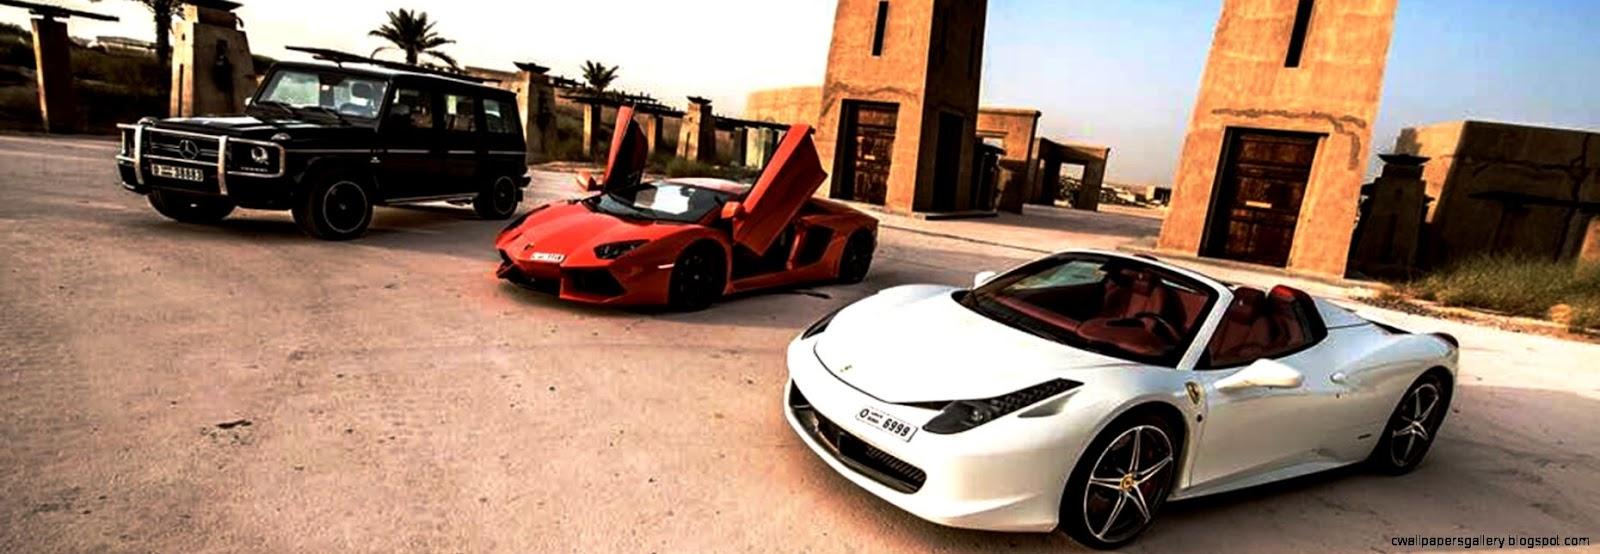 Masterkey Luxury Car Rental Dubai – UAE